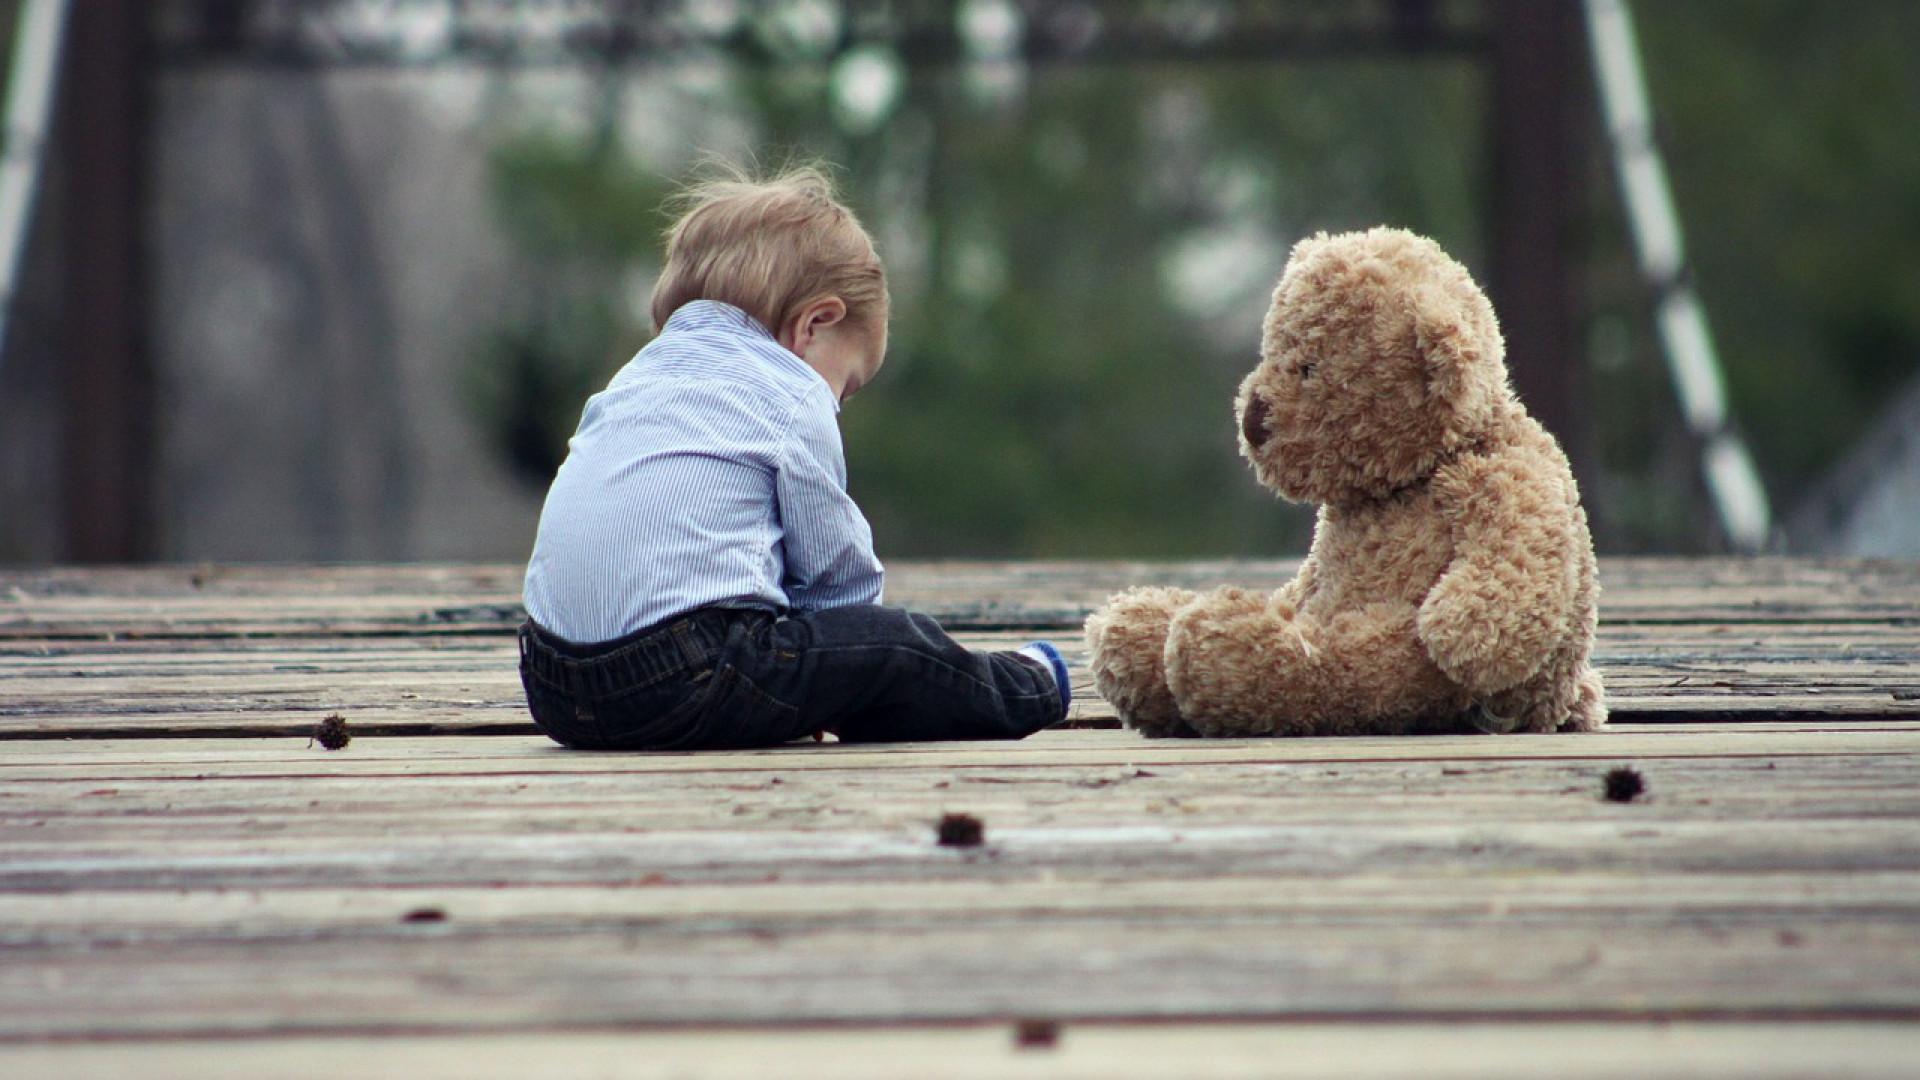 """2edeba0ec25b700d77e5369ddca9d7b6 - """"Doudou et compagnie"""" pour offrir à votre bébé le meilleur compagnon"""